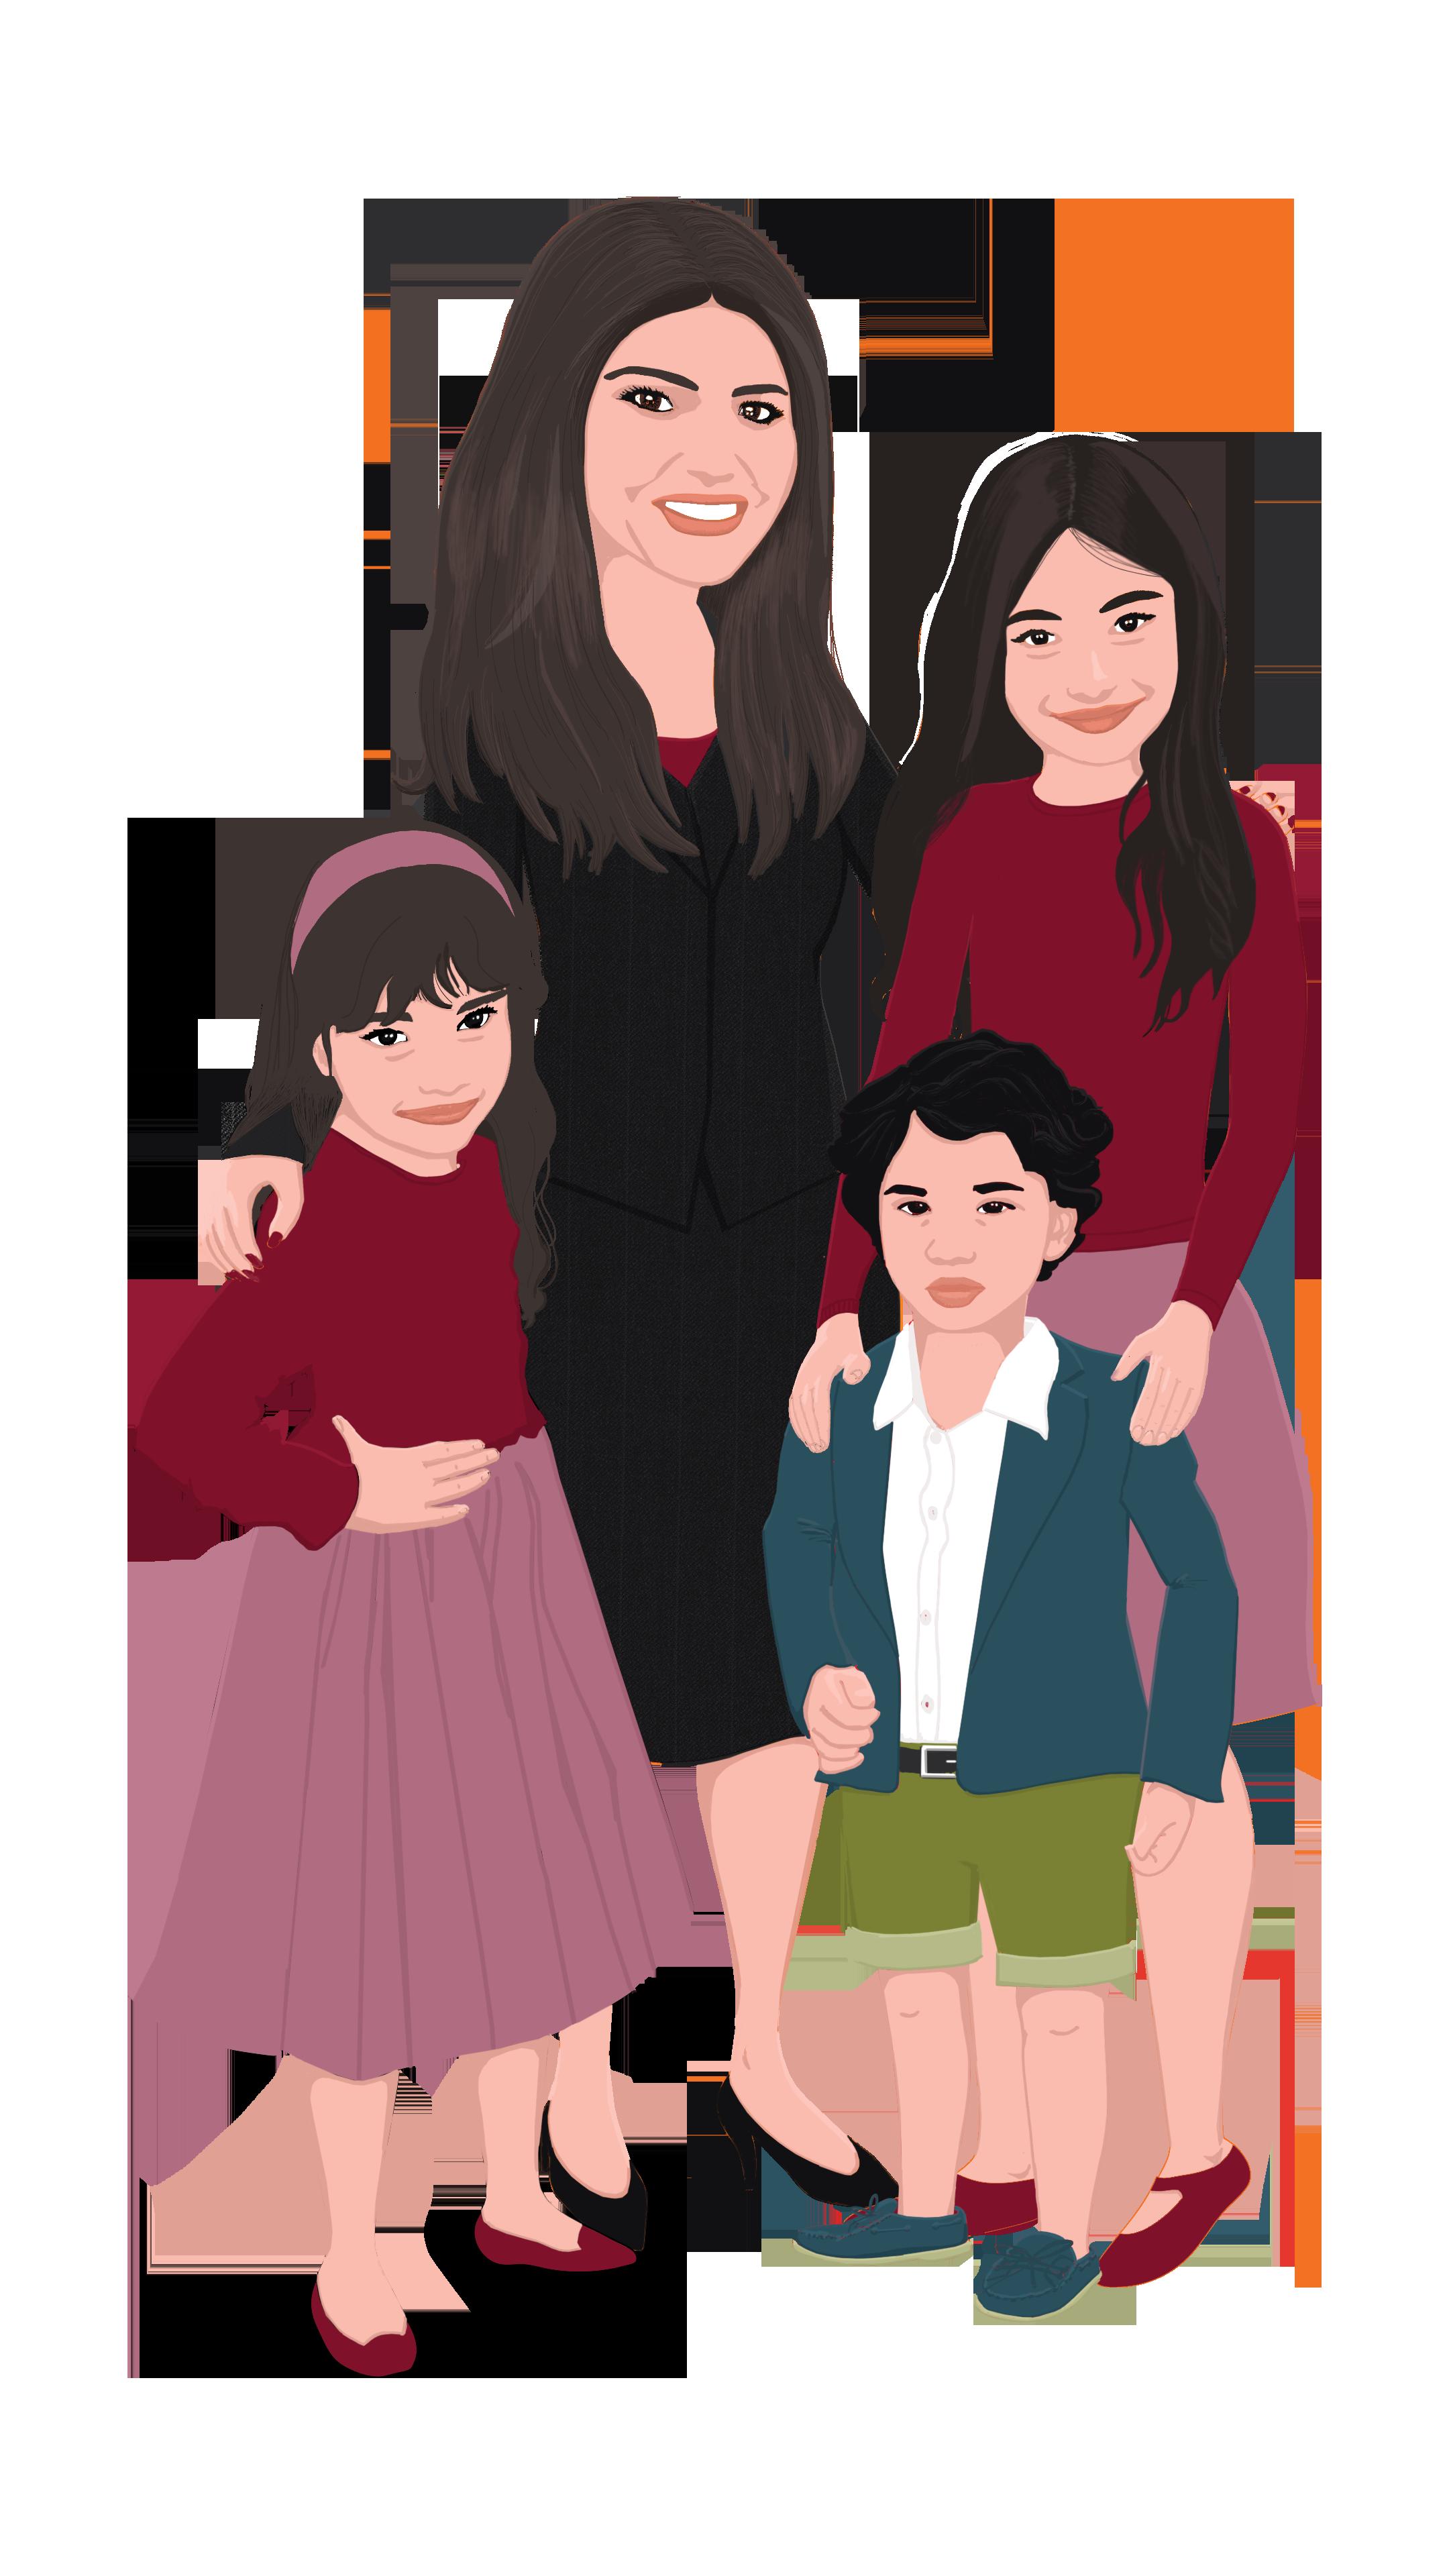 Firasat and her kids